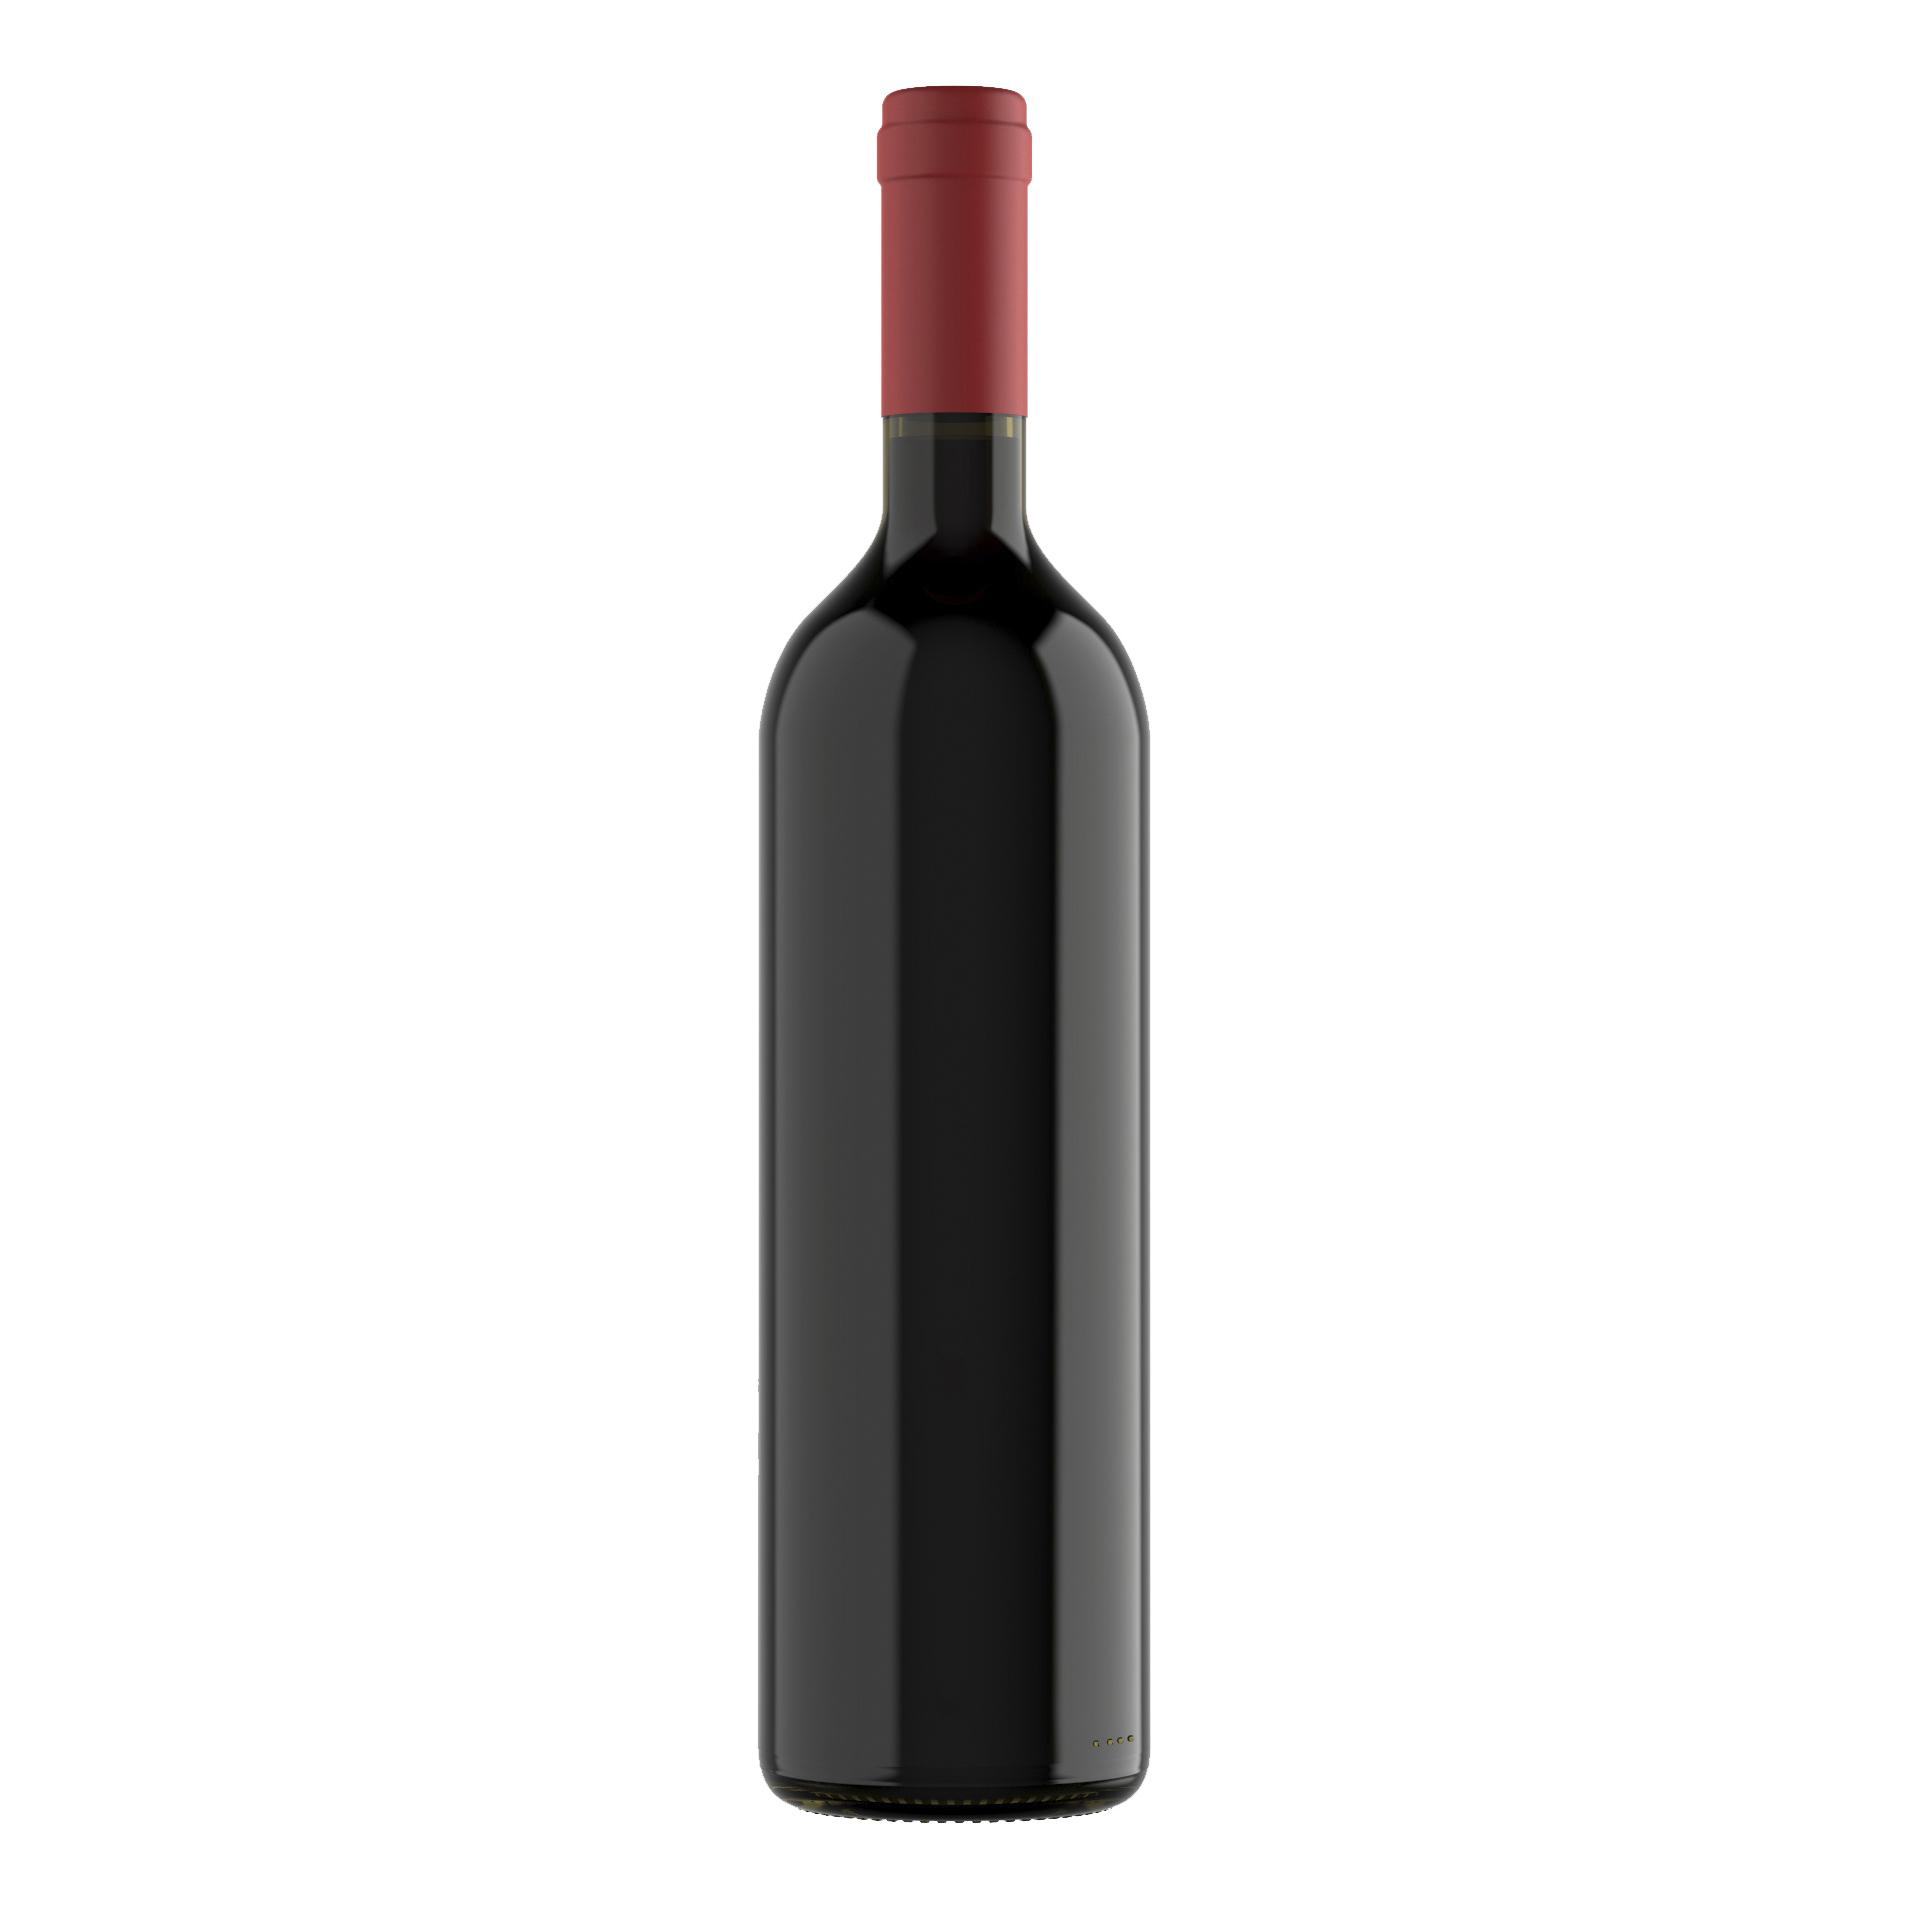 PRIVATE LABEL Italian Red Wine - Chianti DOCG 0.75l 13% vol.